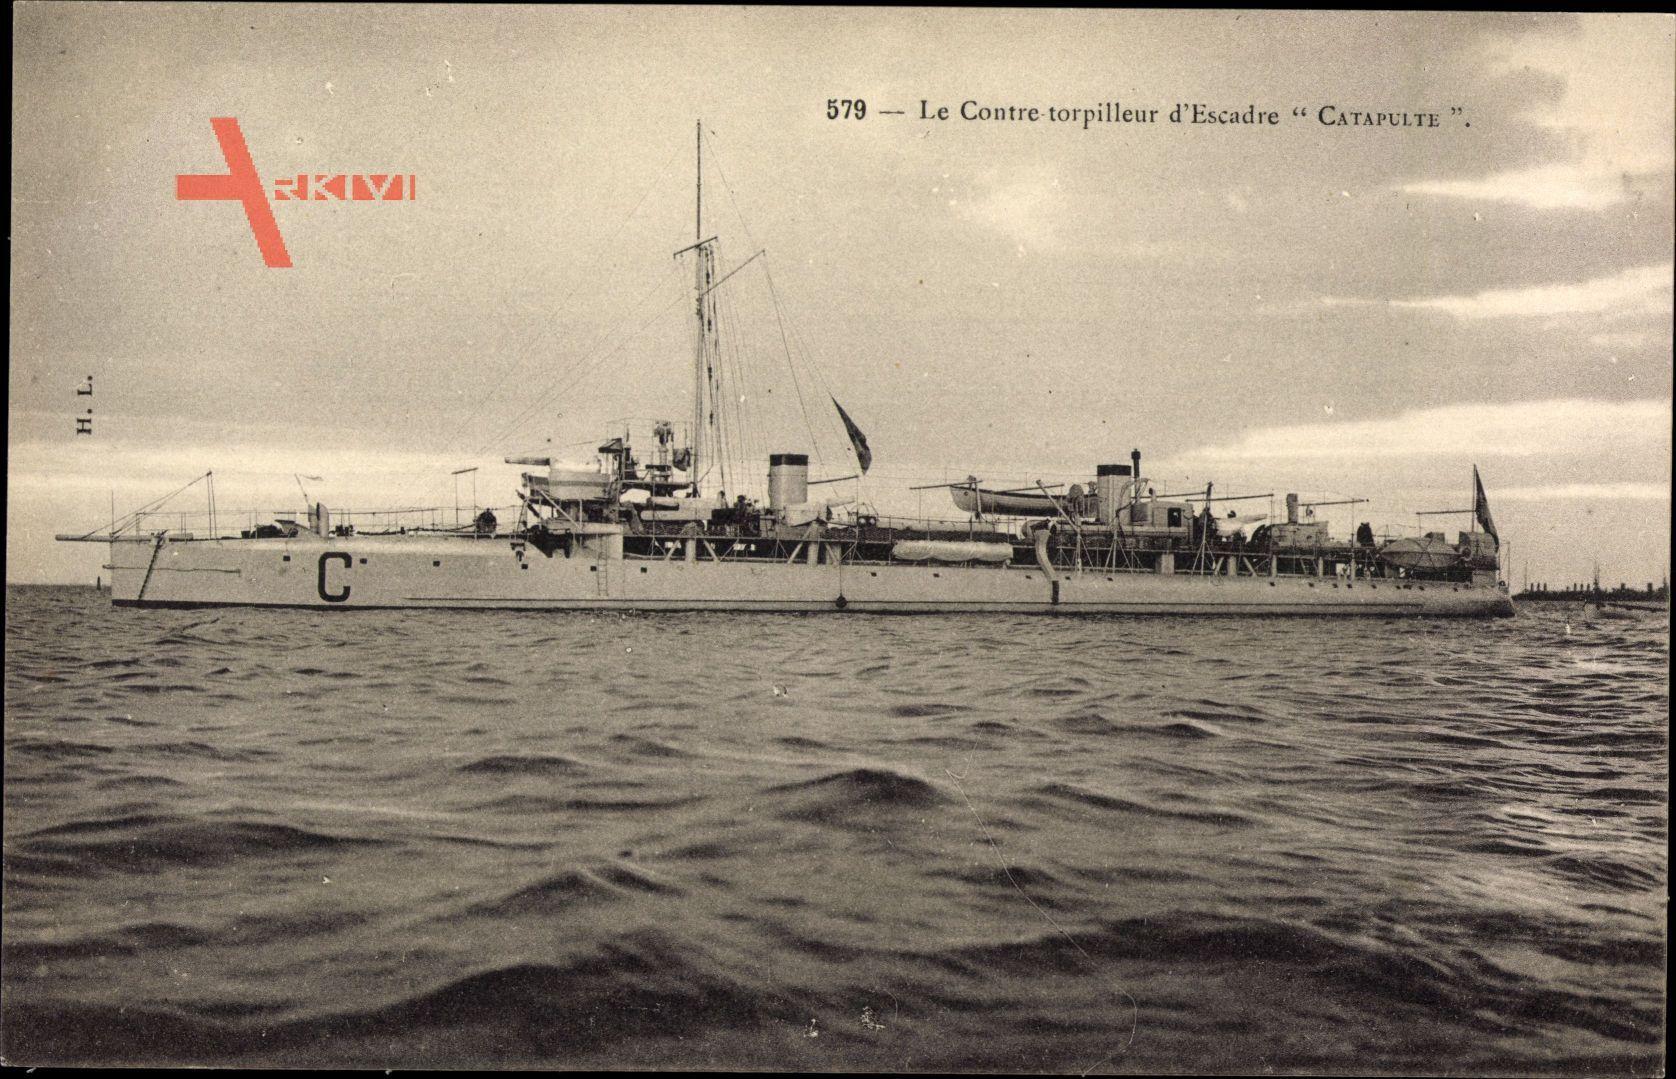 Französisches Kriegsschiff, Contre Torpilleur dEscadre, Catapulte